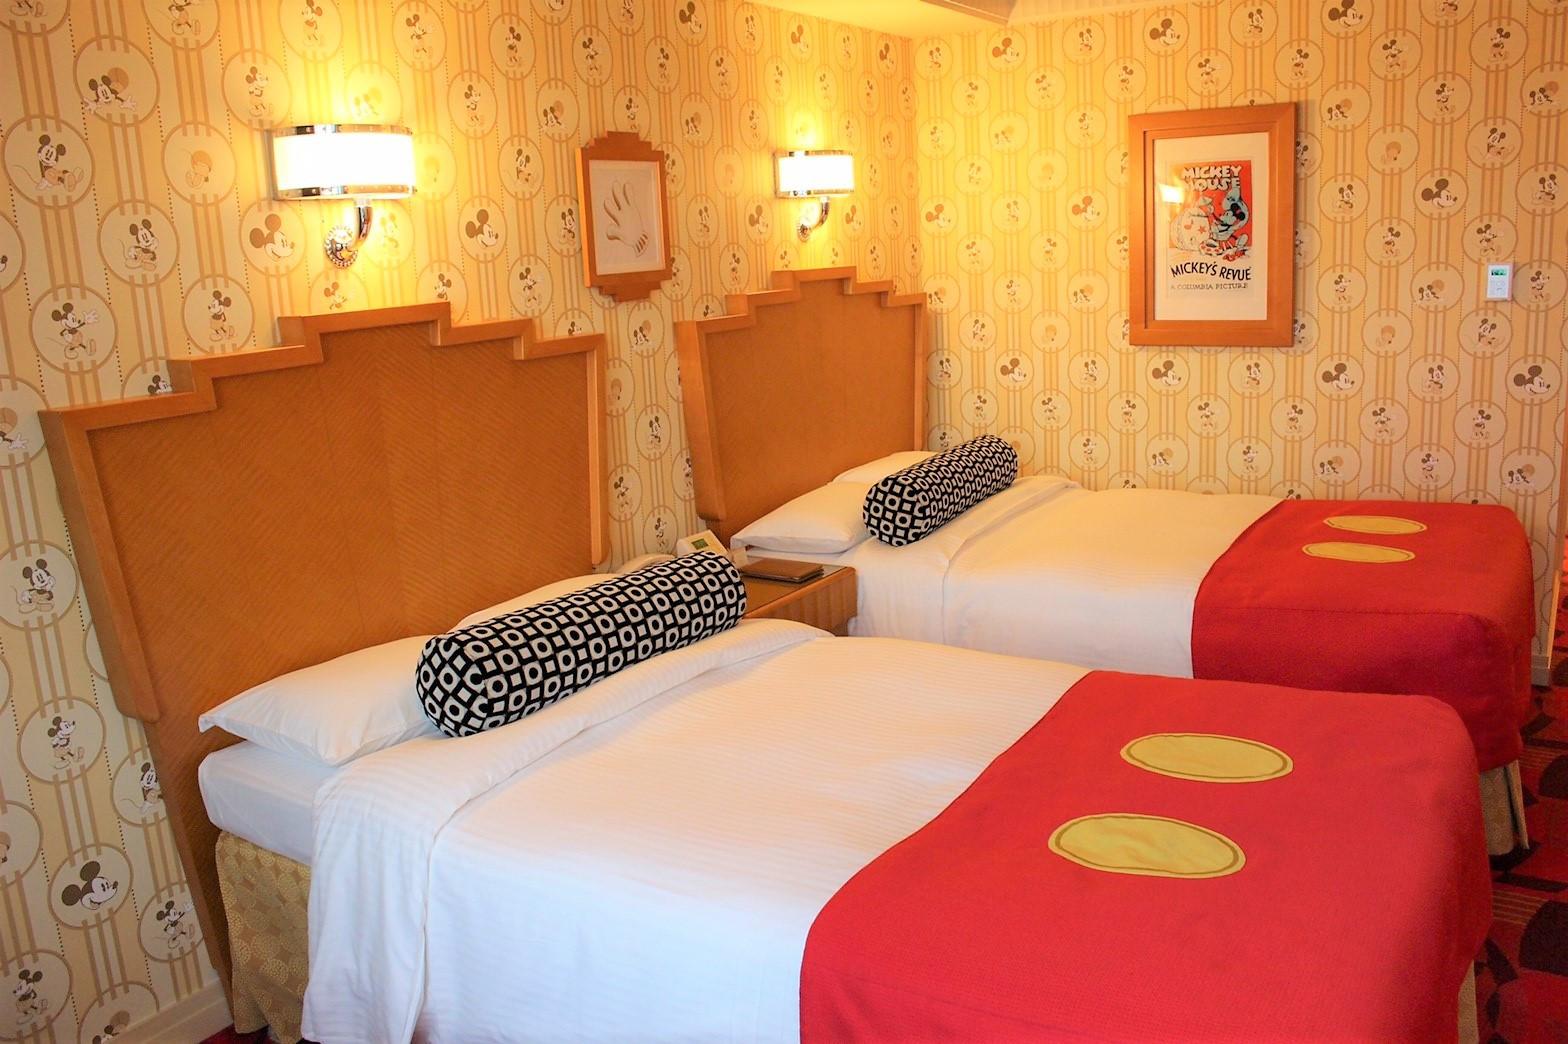 大好きなディズニーホテルに気軽に泊まれますように♪